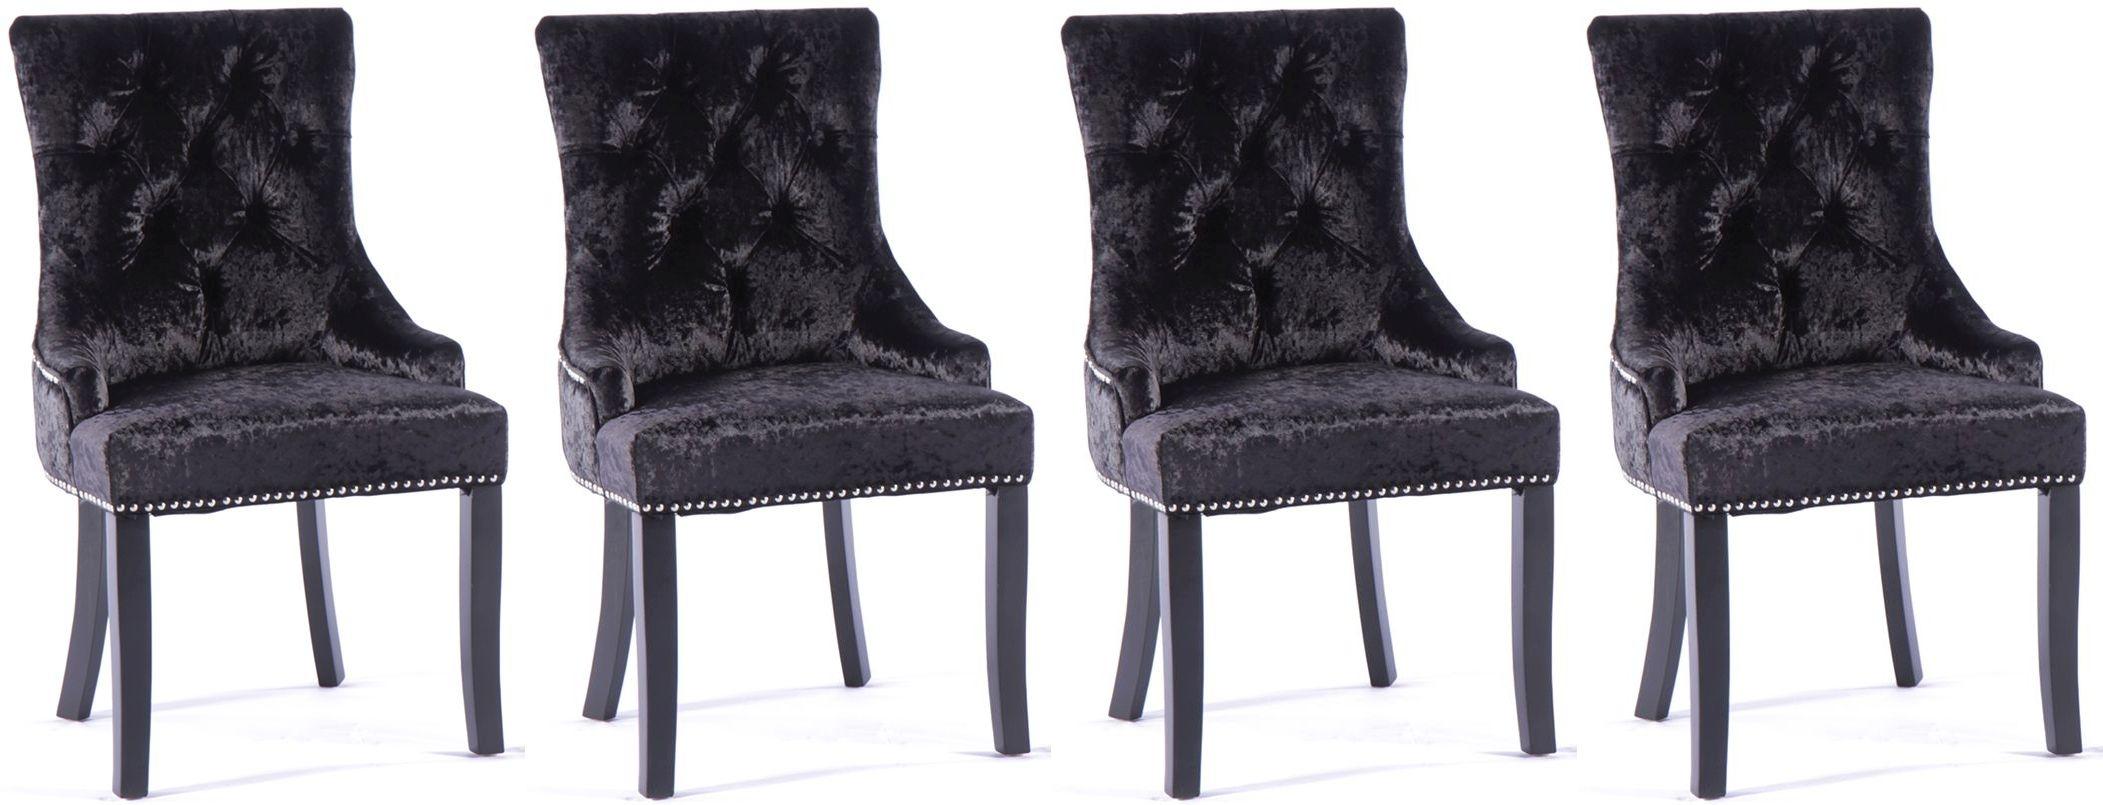 4 x Black Velvet Knockerback Dining Chair